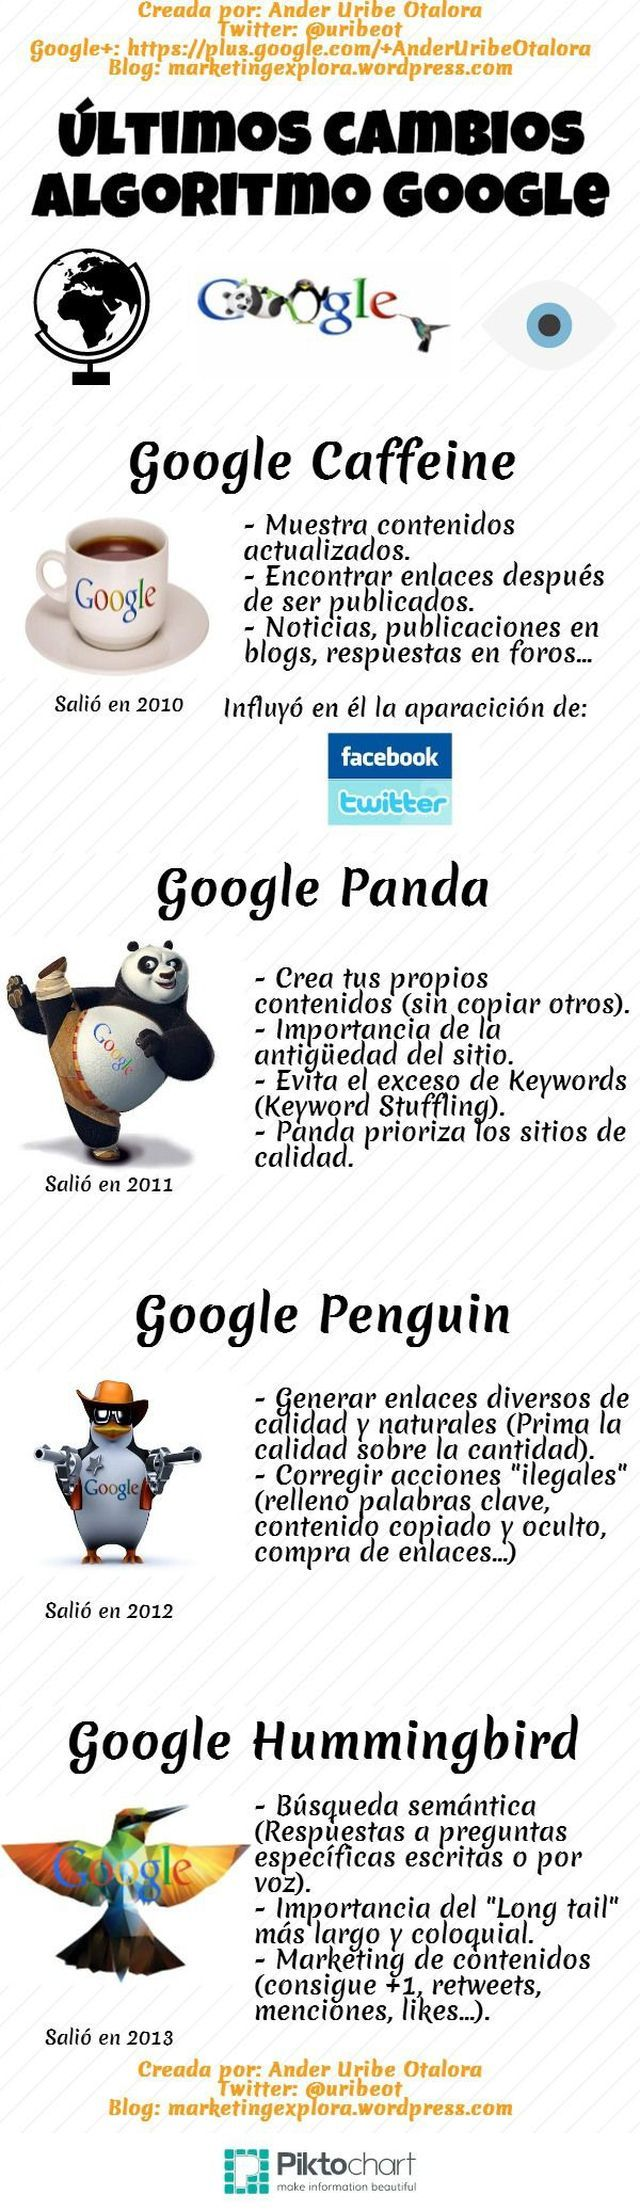 Una infografía, completamente en castellano, que nos explica los diversos cambios que ha realizado Google en su algoritmo a lo largo de los últimos años.